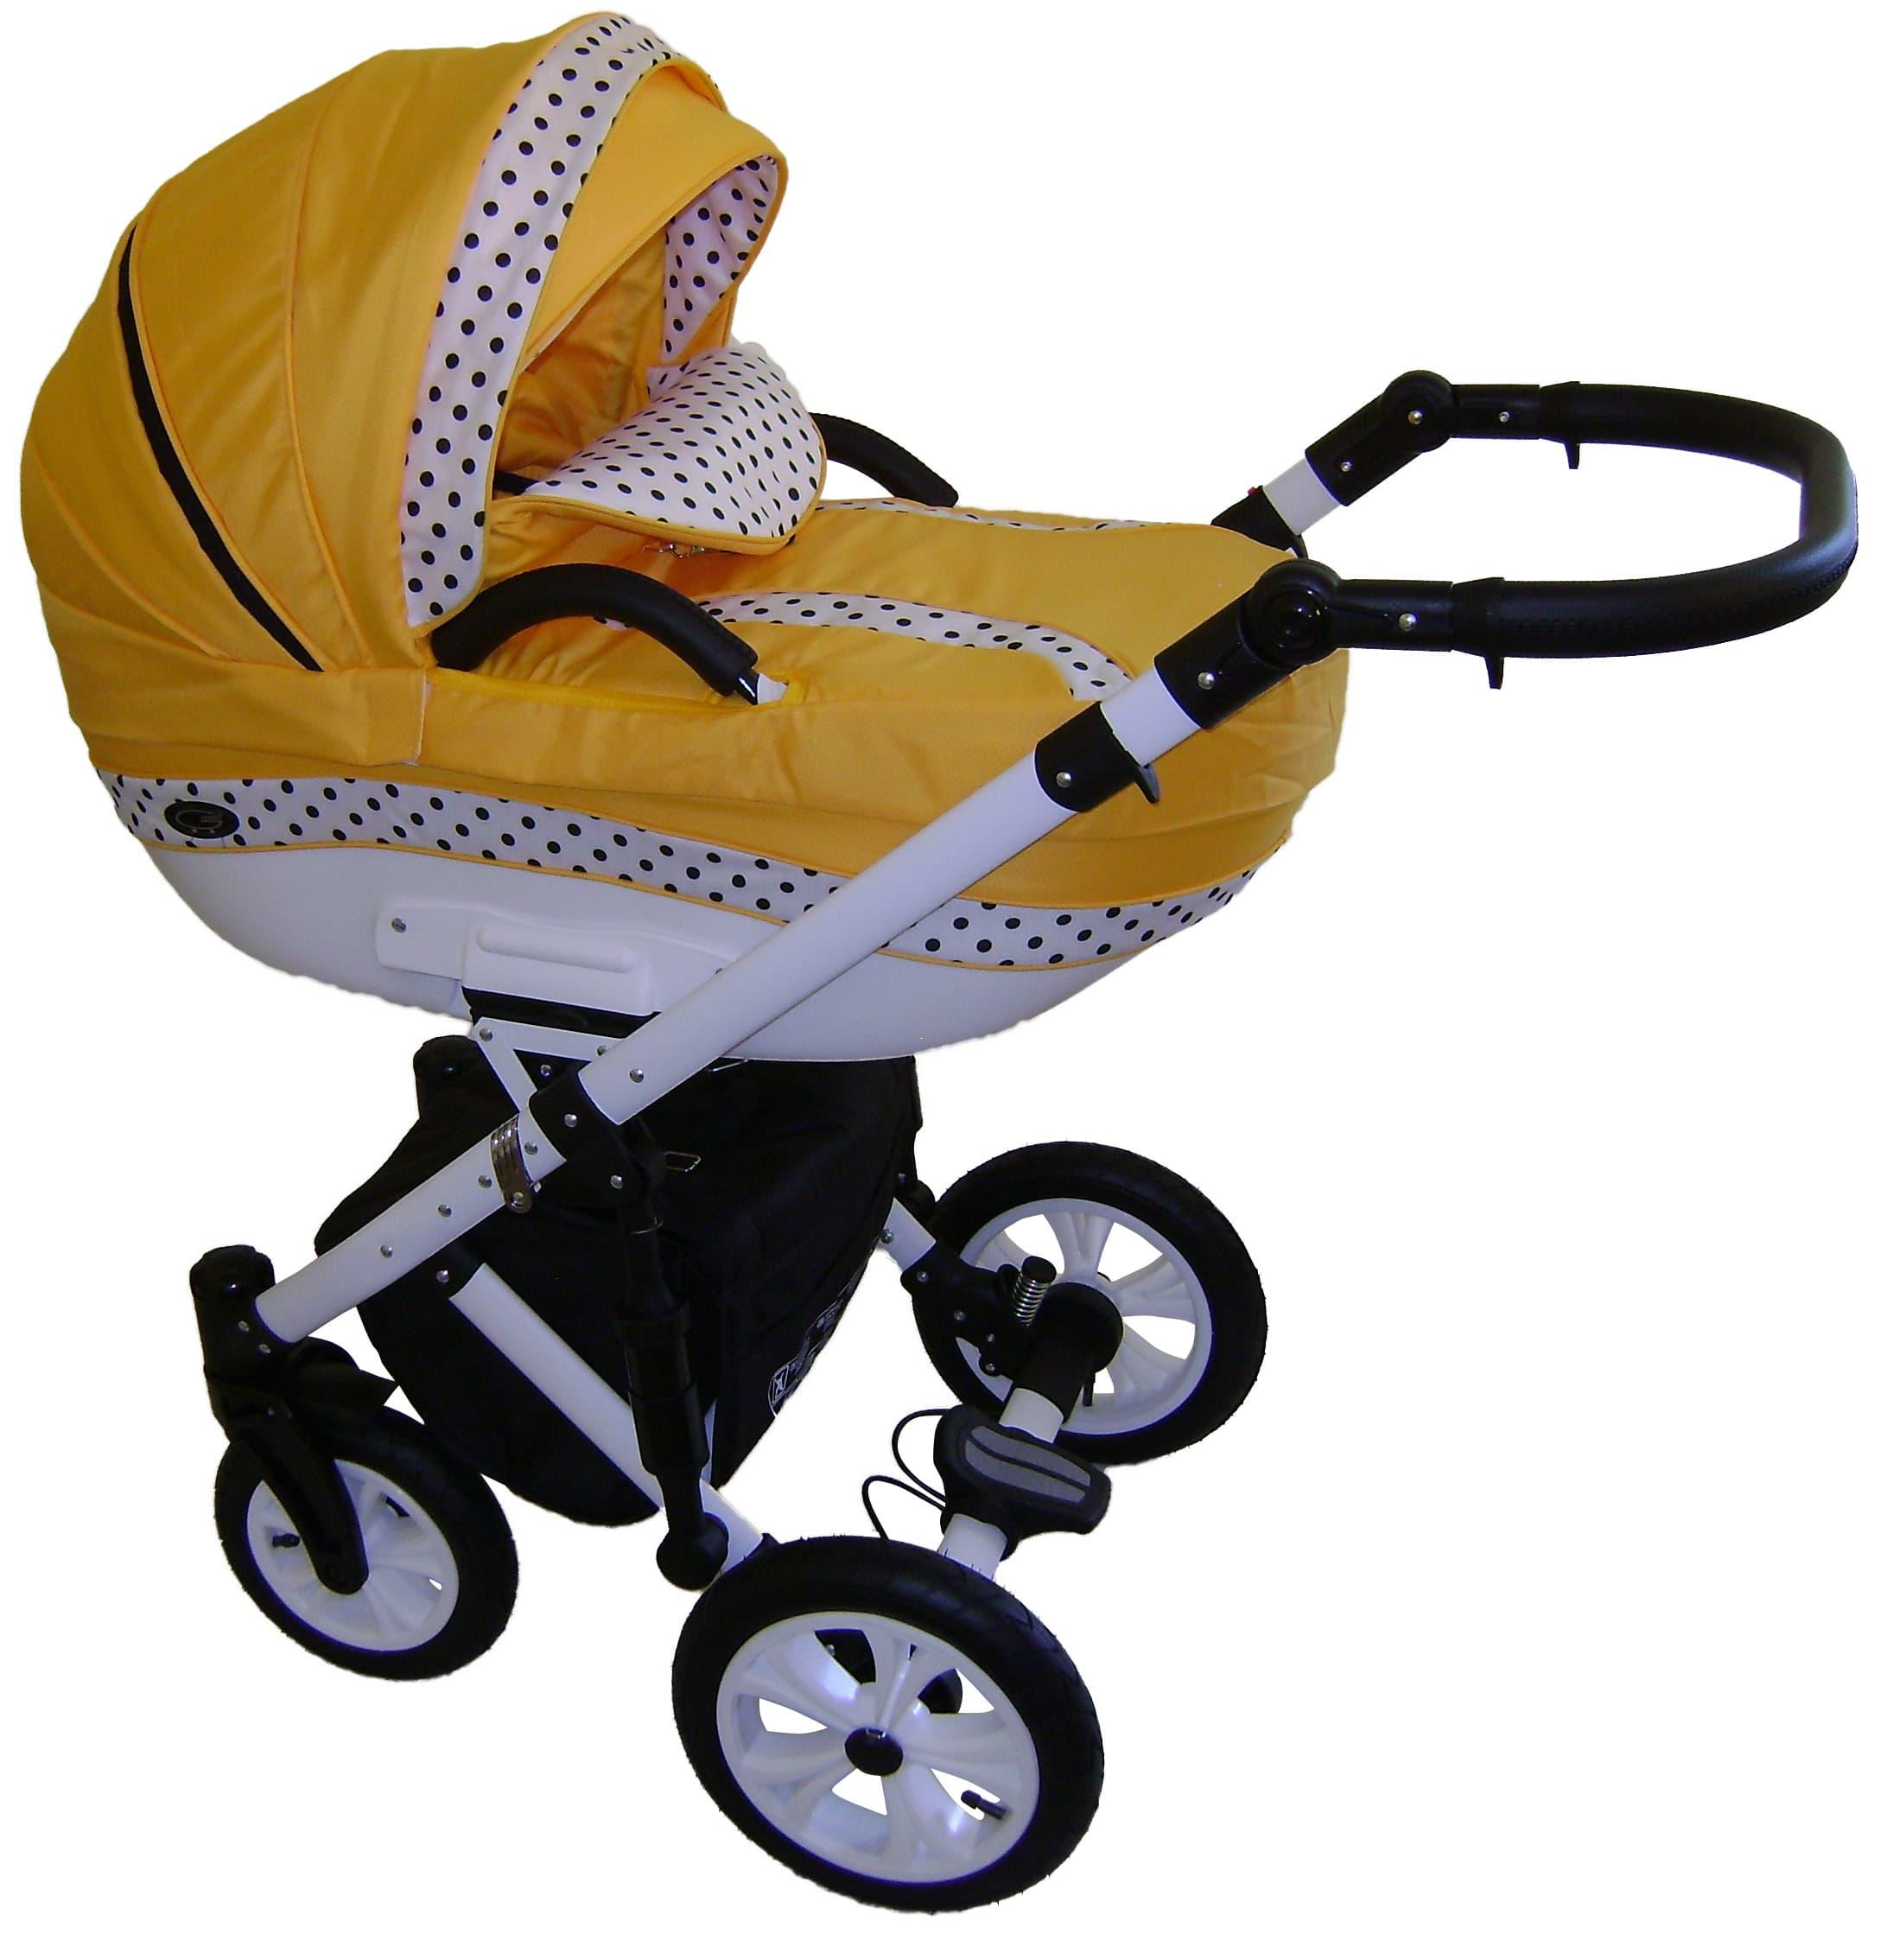 Бебешка количка 2в1 Carrera new цвят: 10